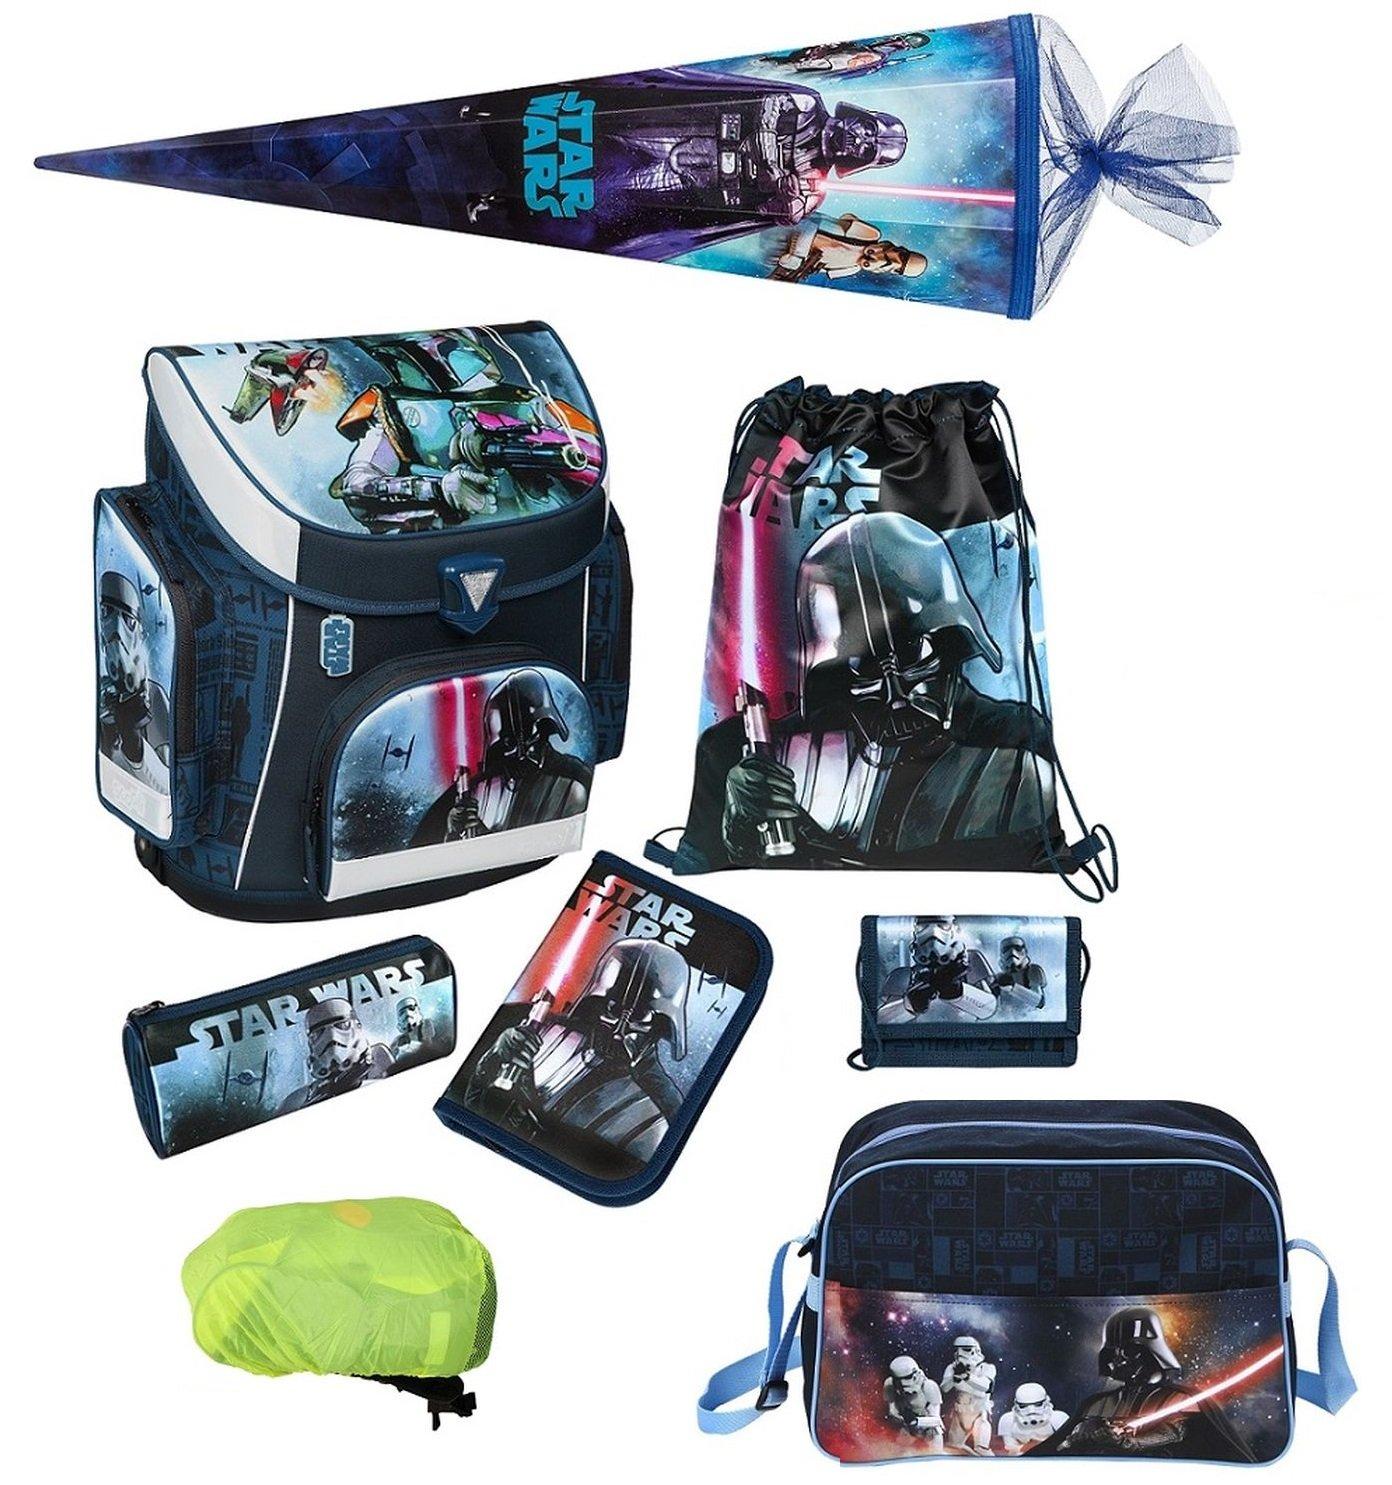 Star Wars Schulranzen Set 8tlg. Schultüte 85cm Sporttasche Regen-/Sicherheitshülle Federmappe Scooli SWHX8251 online bestellen